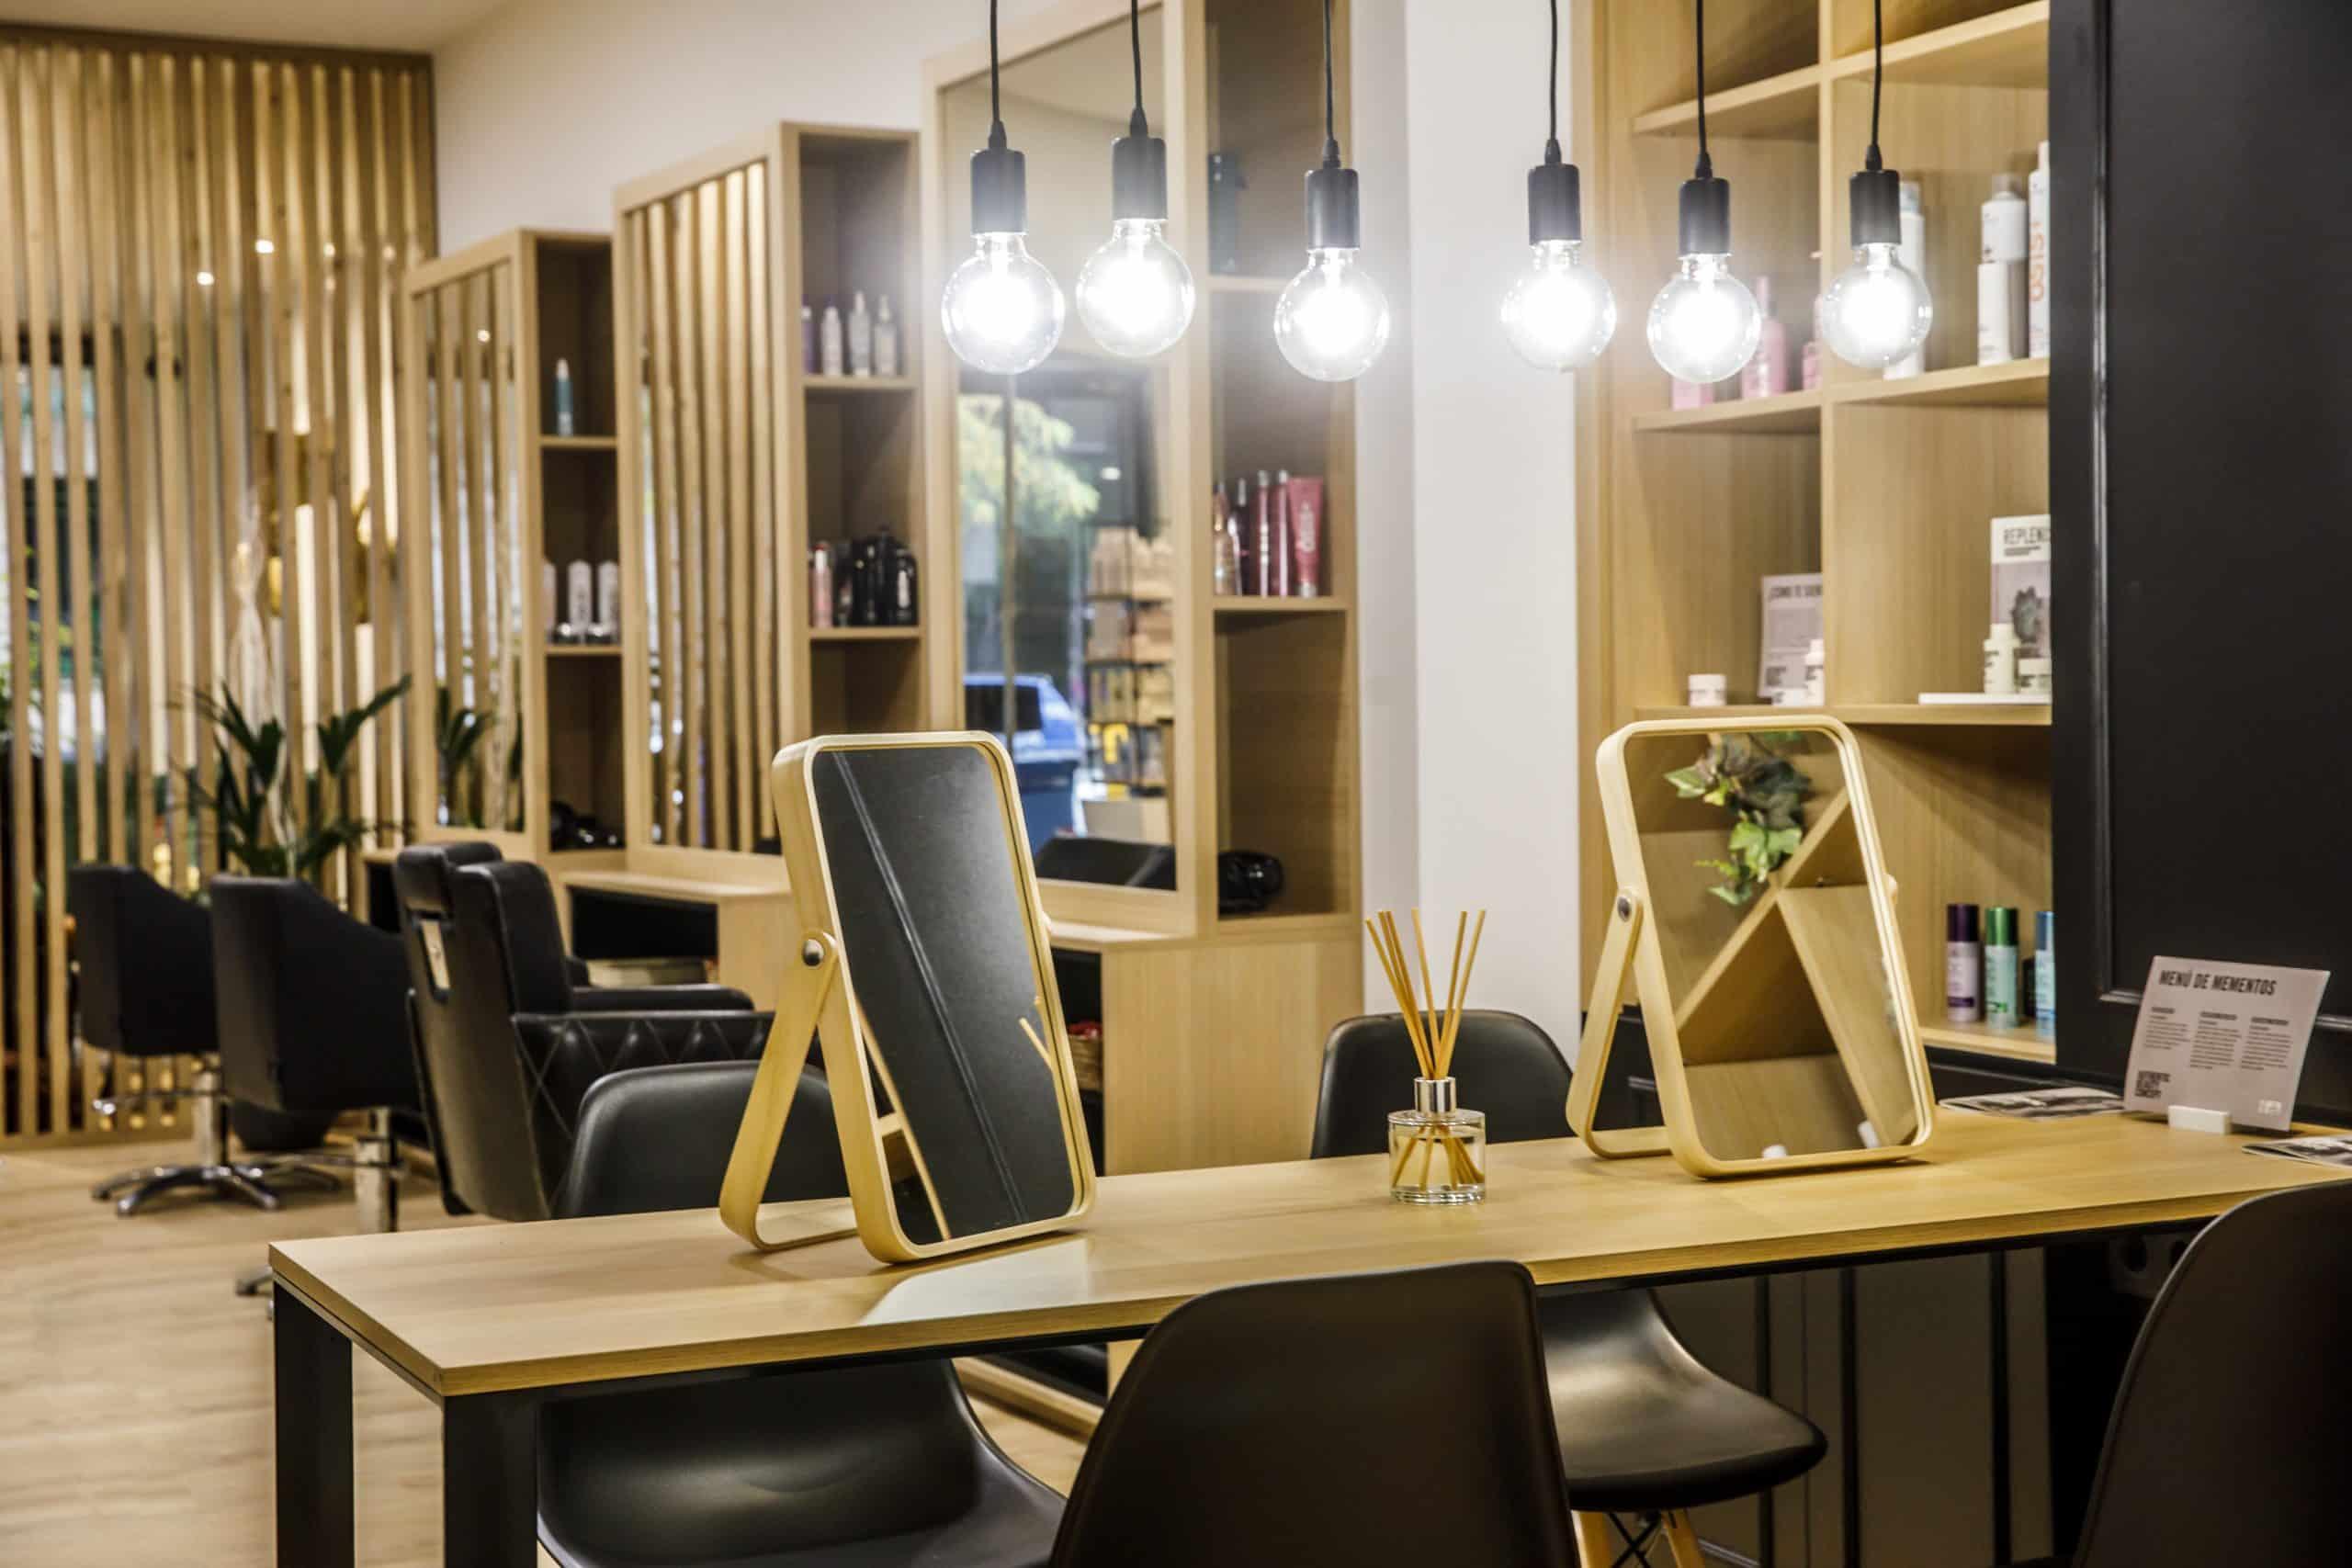 Nuevo Salon Makeover @jpegestudio6 scaled